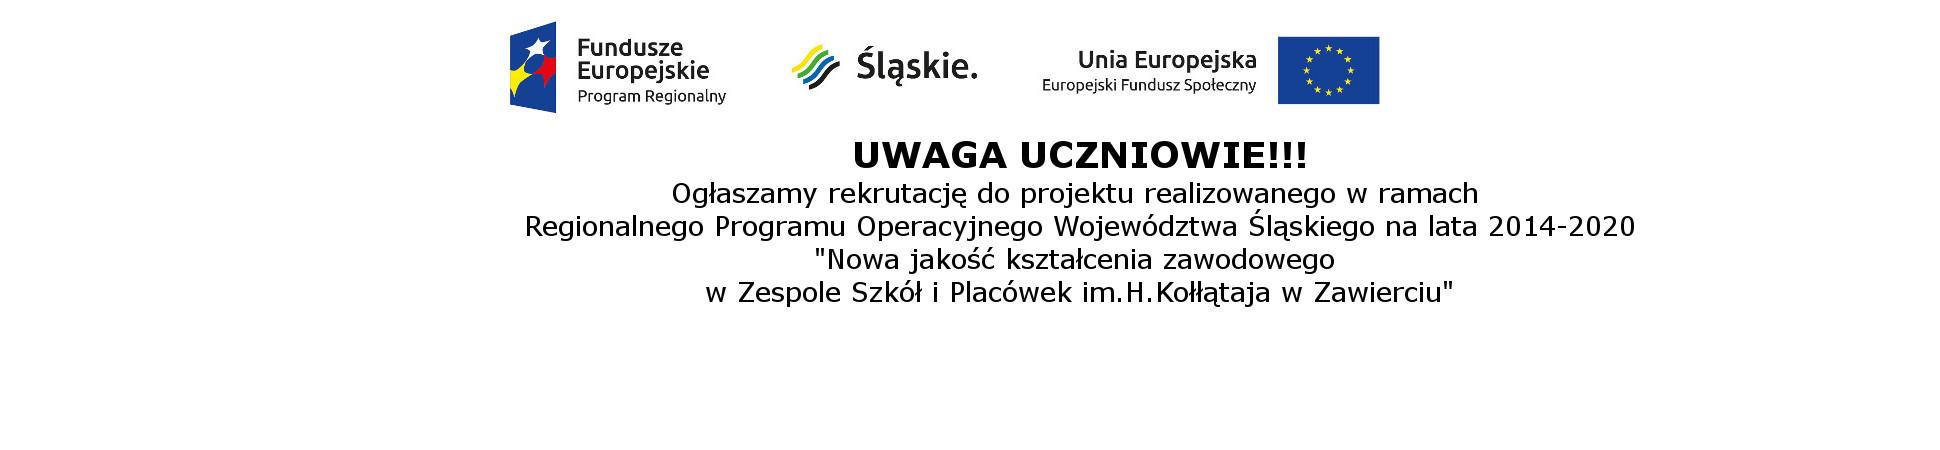 logo z unią i ogłoszeniem 2